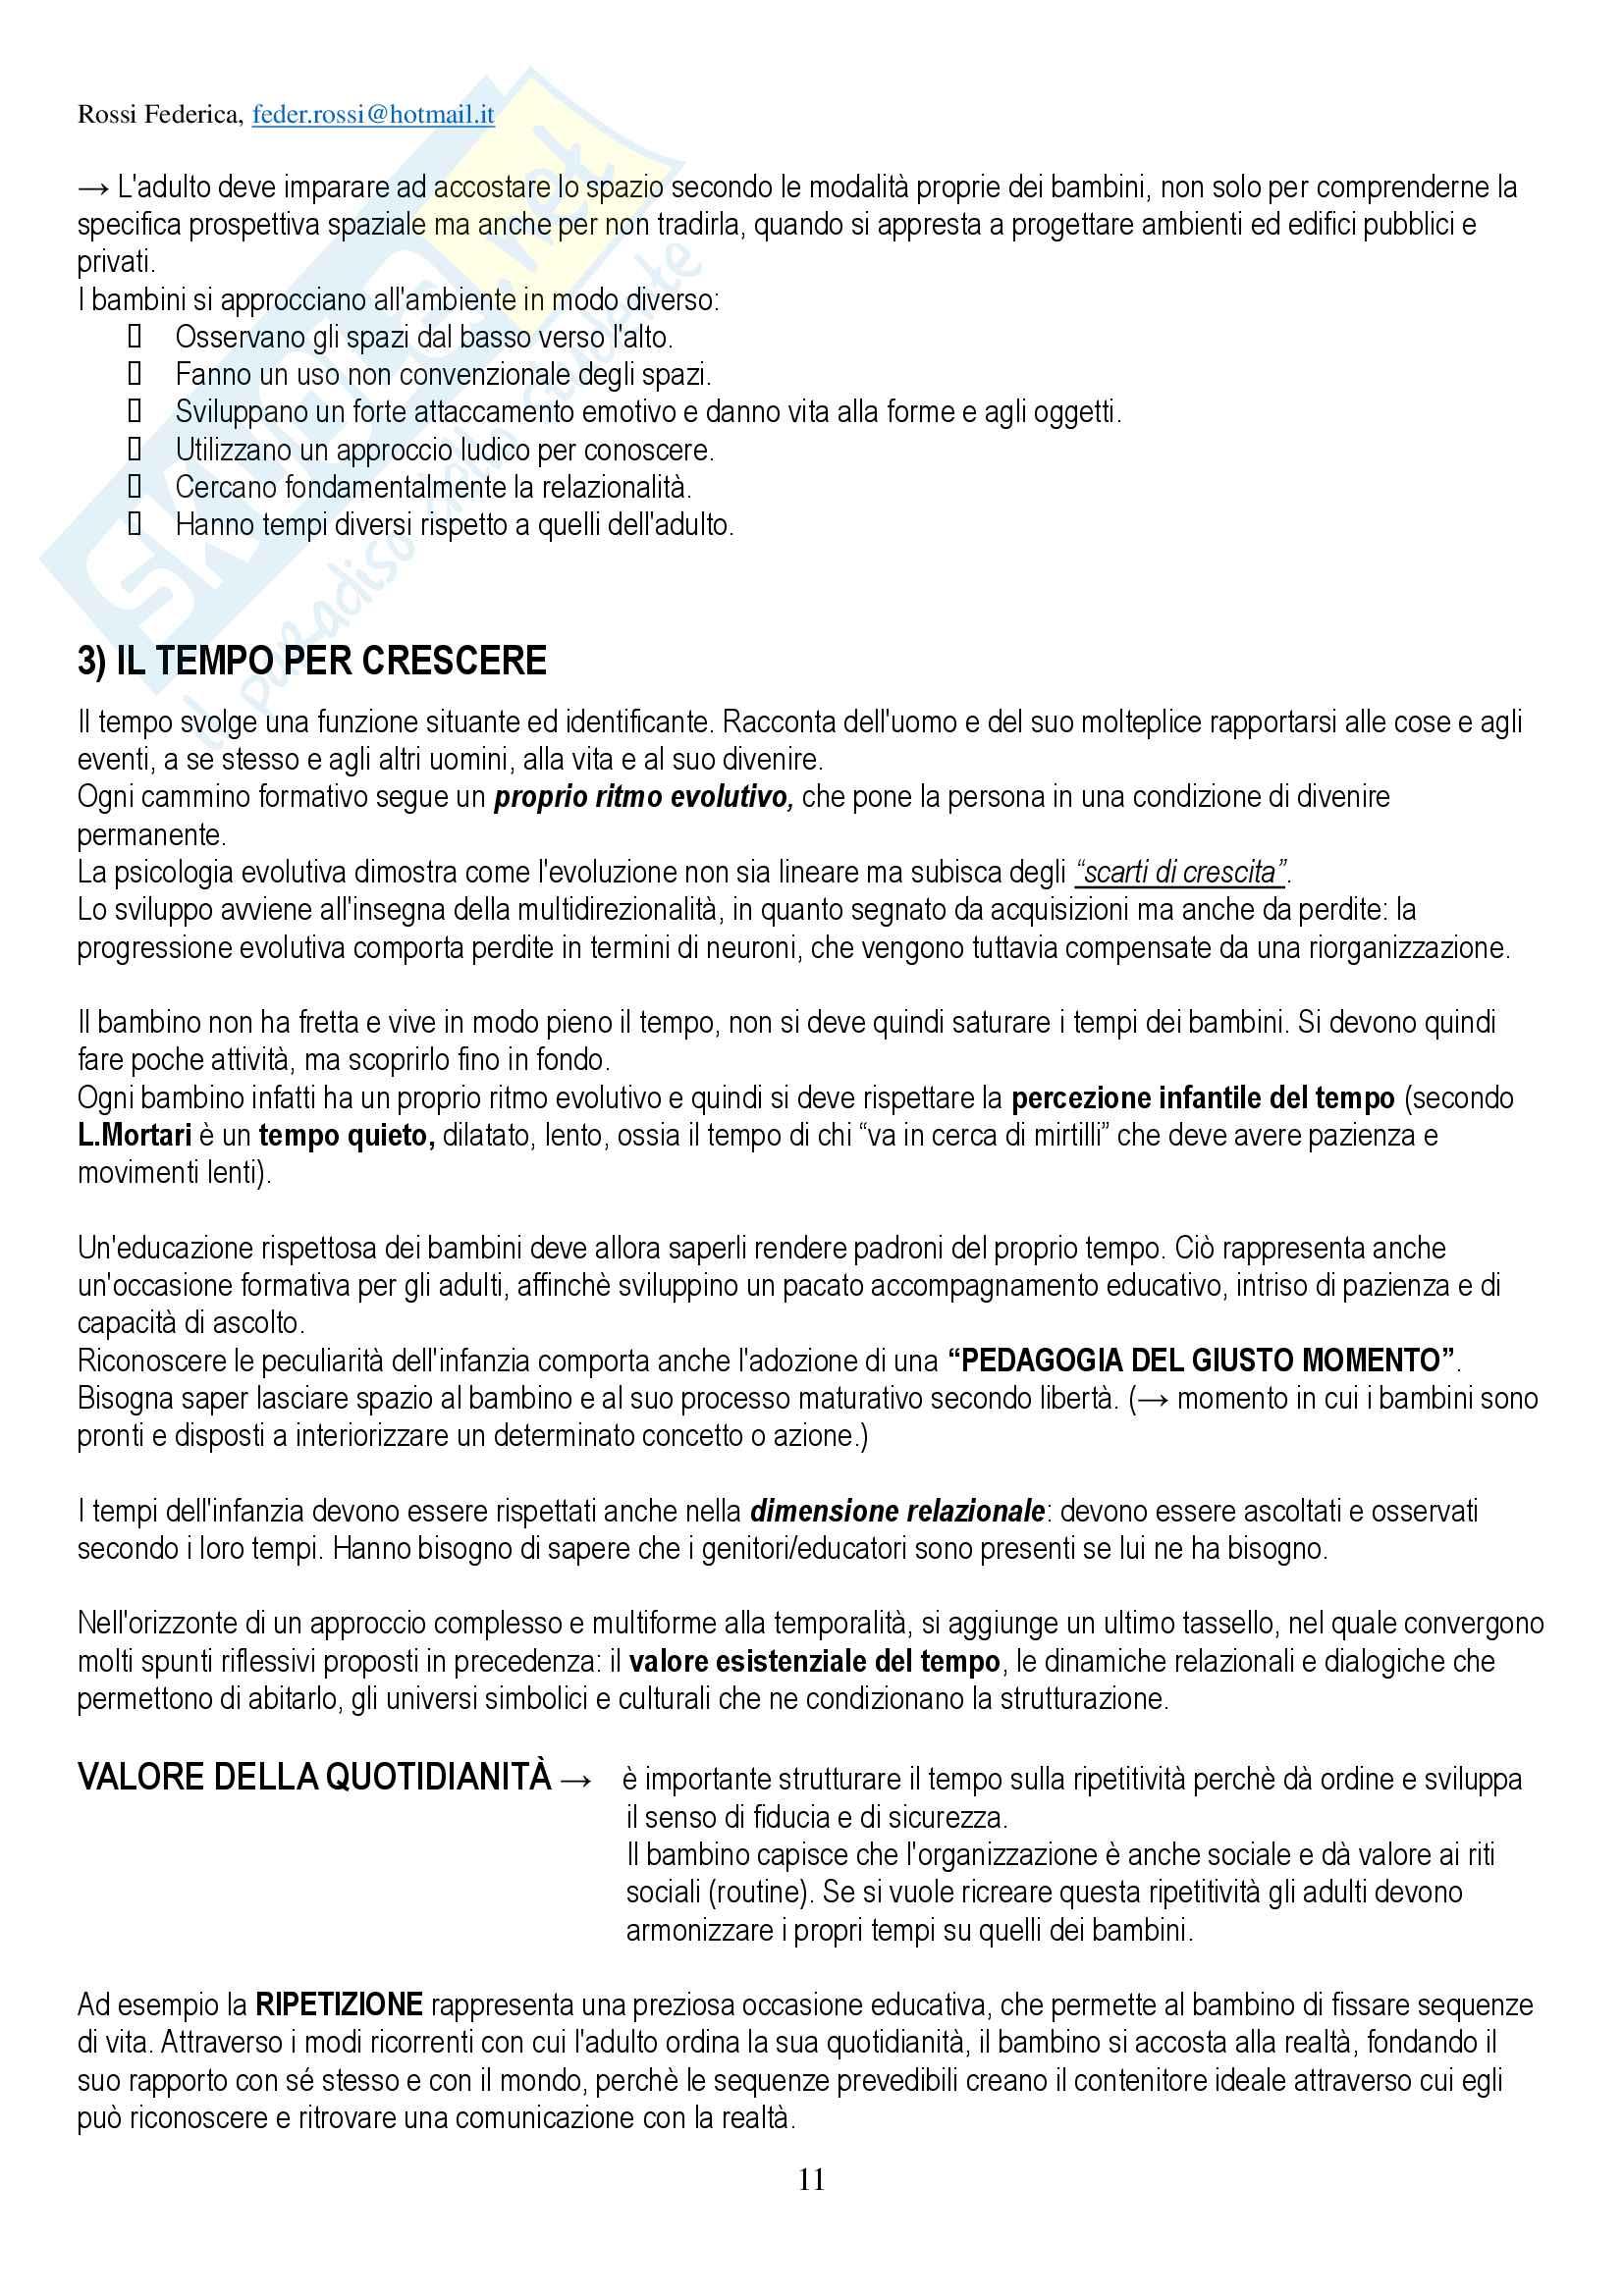 """Riassunto per esame di Pedagogia della persona, prof Amadini, libro consigliato """"Infanzia e famiglia"""", Amadini Pag. 11"""